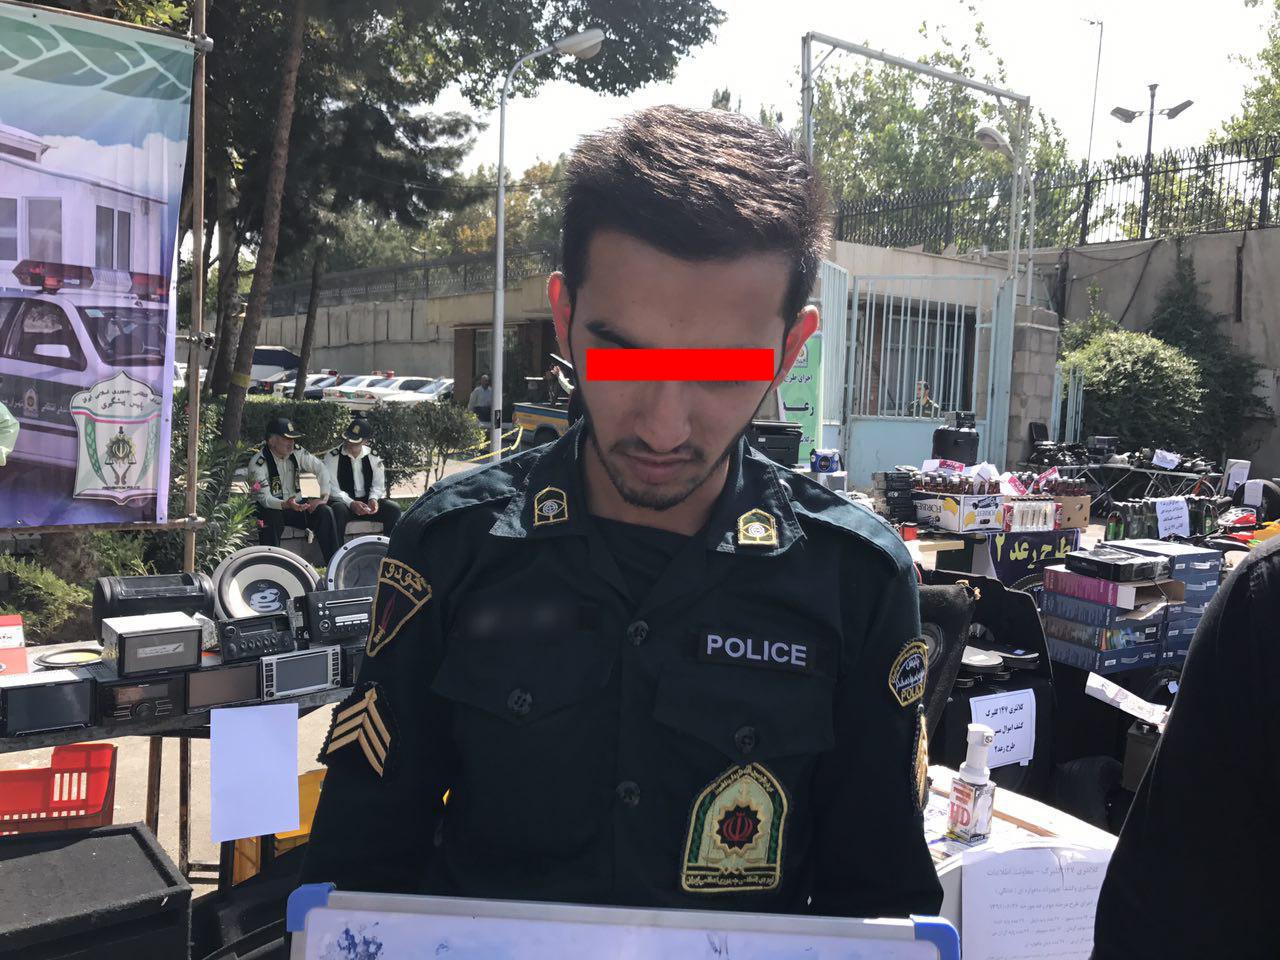 اخاذی مامور اخراج شده نیروی انتظامی از دخترها و پسرهای جوان + عکس